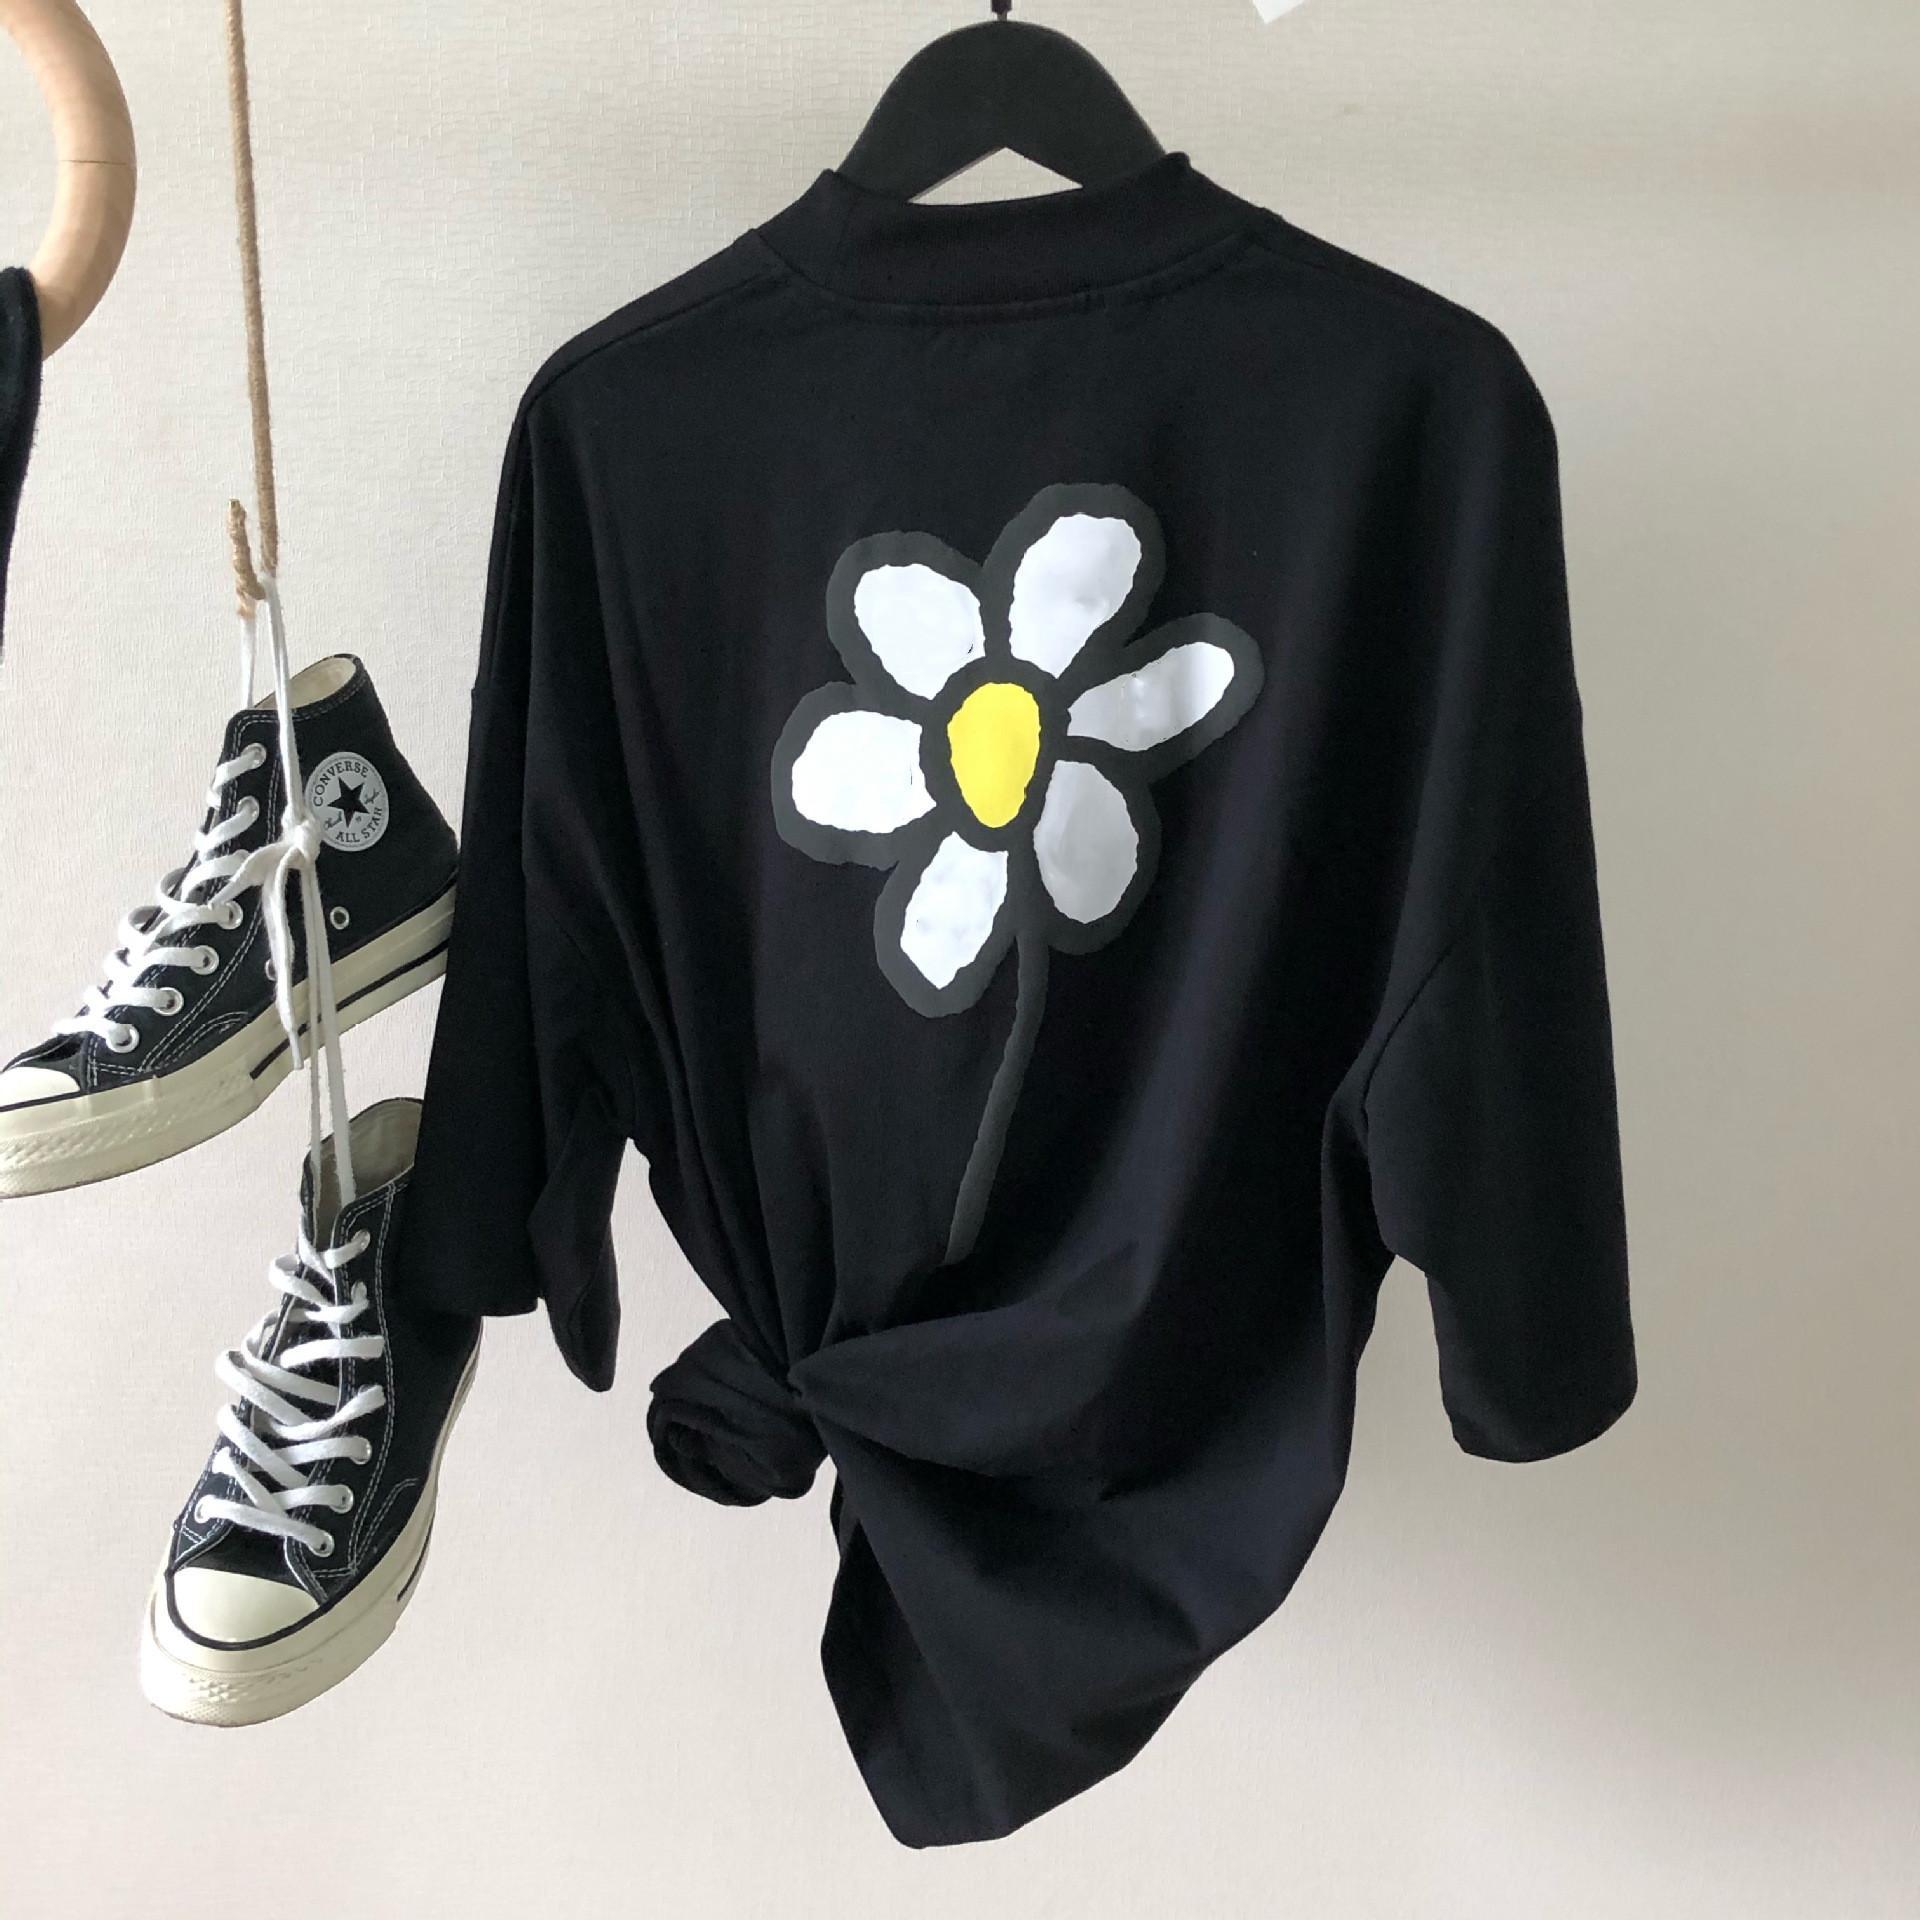 2021 Neue Mode Kleine Gänseblümchendrucken Kurzarm T-Shirt für Männer und Frauen Reiner Baumwolle Rundhals Pullover Kurzarm T-Shirt